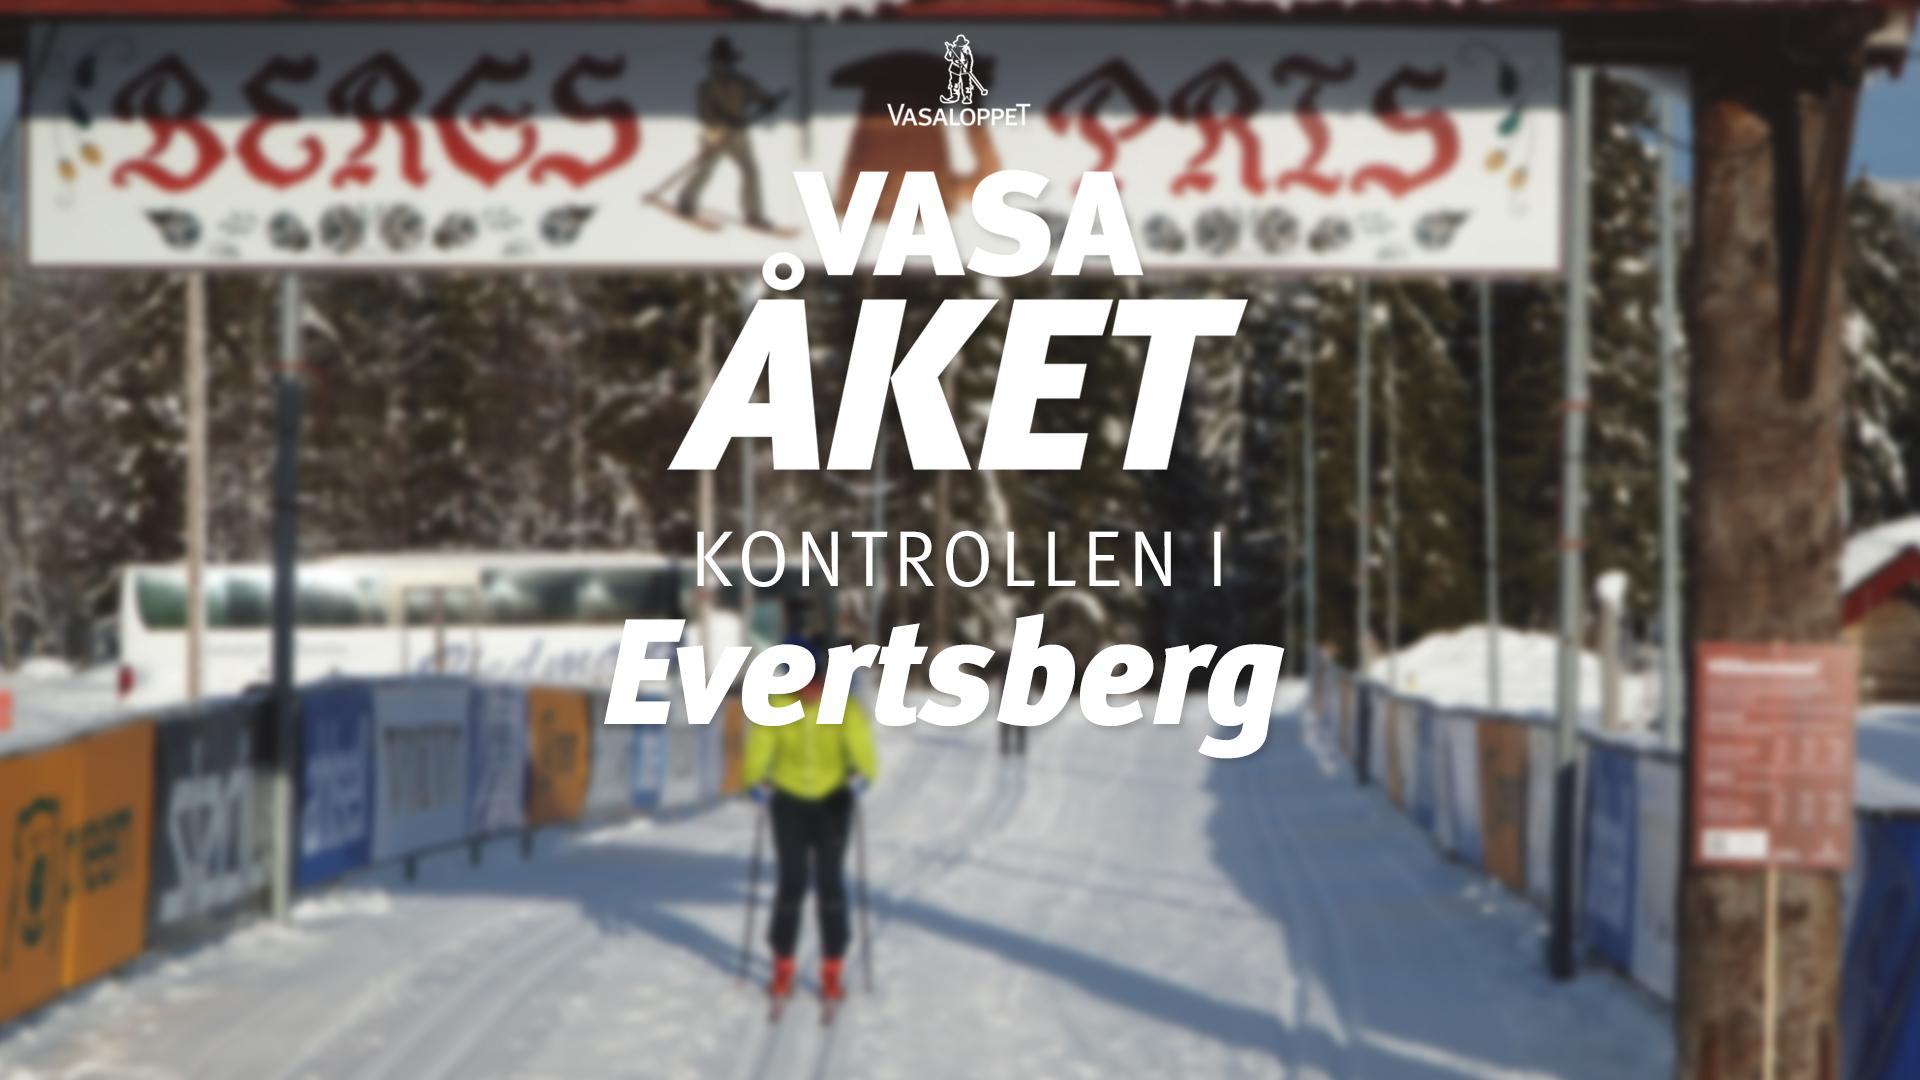 13 februari, 2021 – Evertsberg